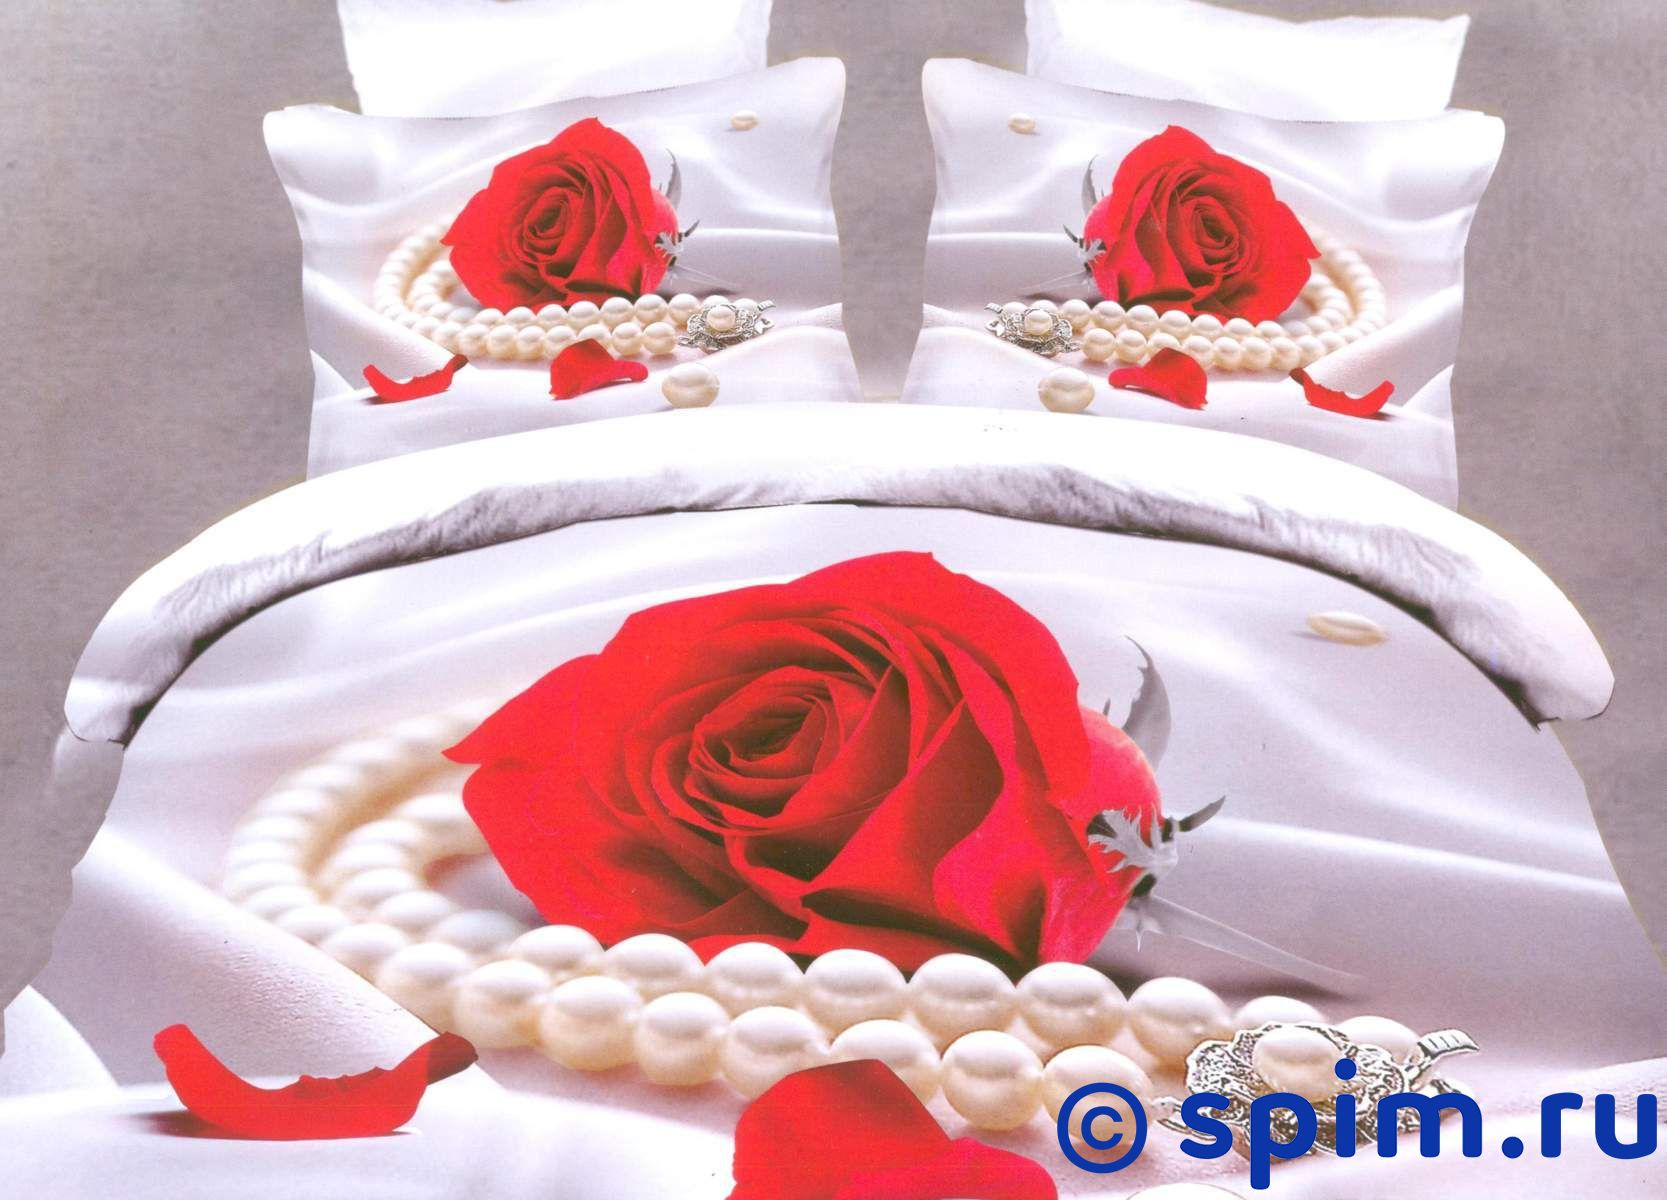 Комплект СайлиД G134 2 спальноеСатиновое постельное белье СайлиД с фотопечатью<br>Материал: 100% хлопок (сатин, фотопечать). Плотность, г/м2: 130. Размер Sailid Г: 2 спальное<br><br>Размер: 2 спальное